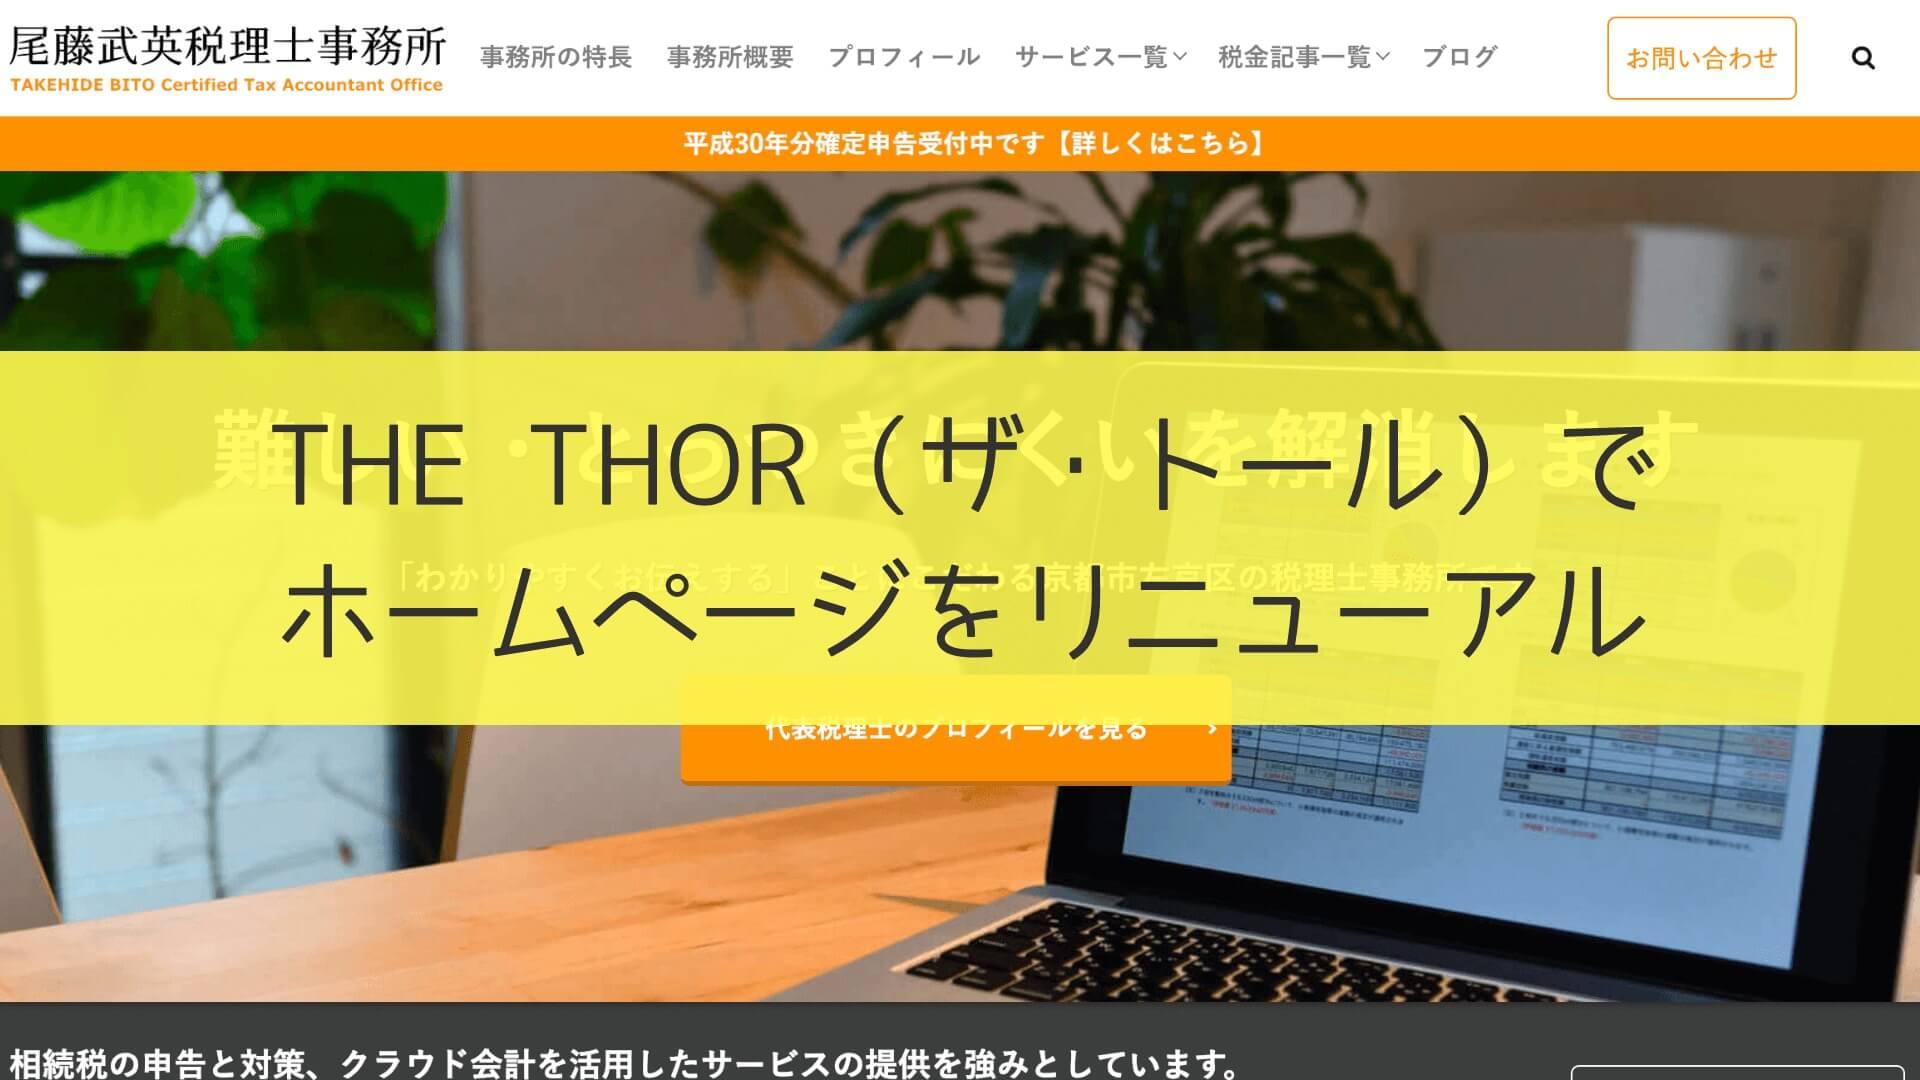 THE THOR(ザ・トール)でホームページをリニューアル